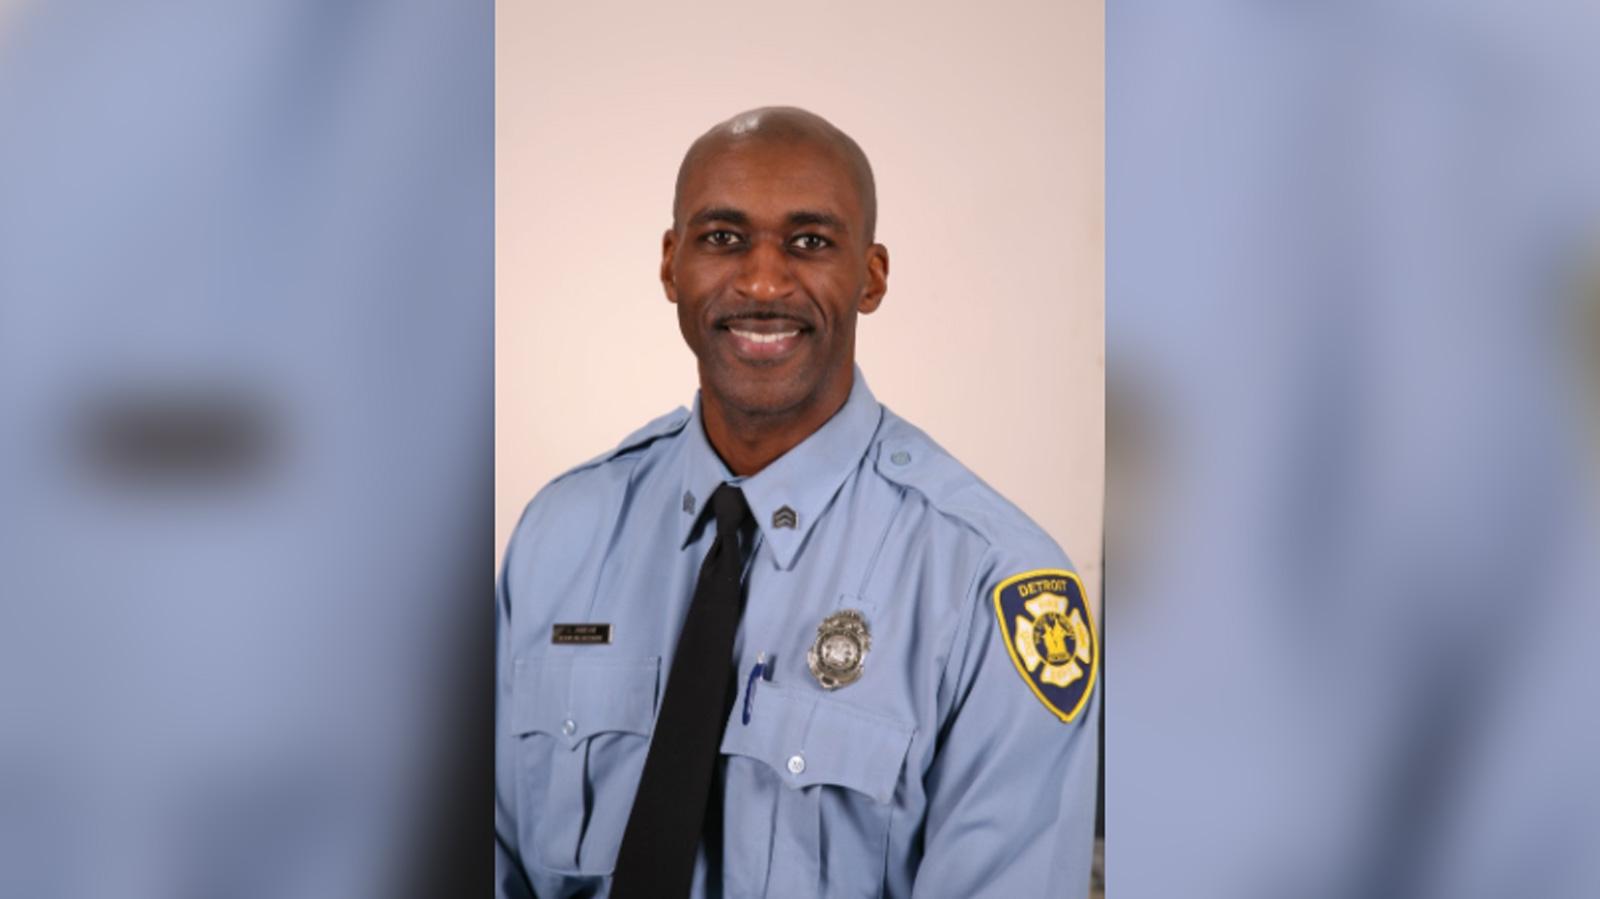 Sgt. Sivad Johnson